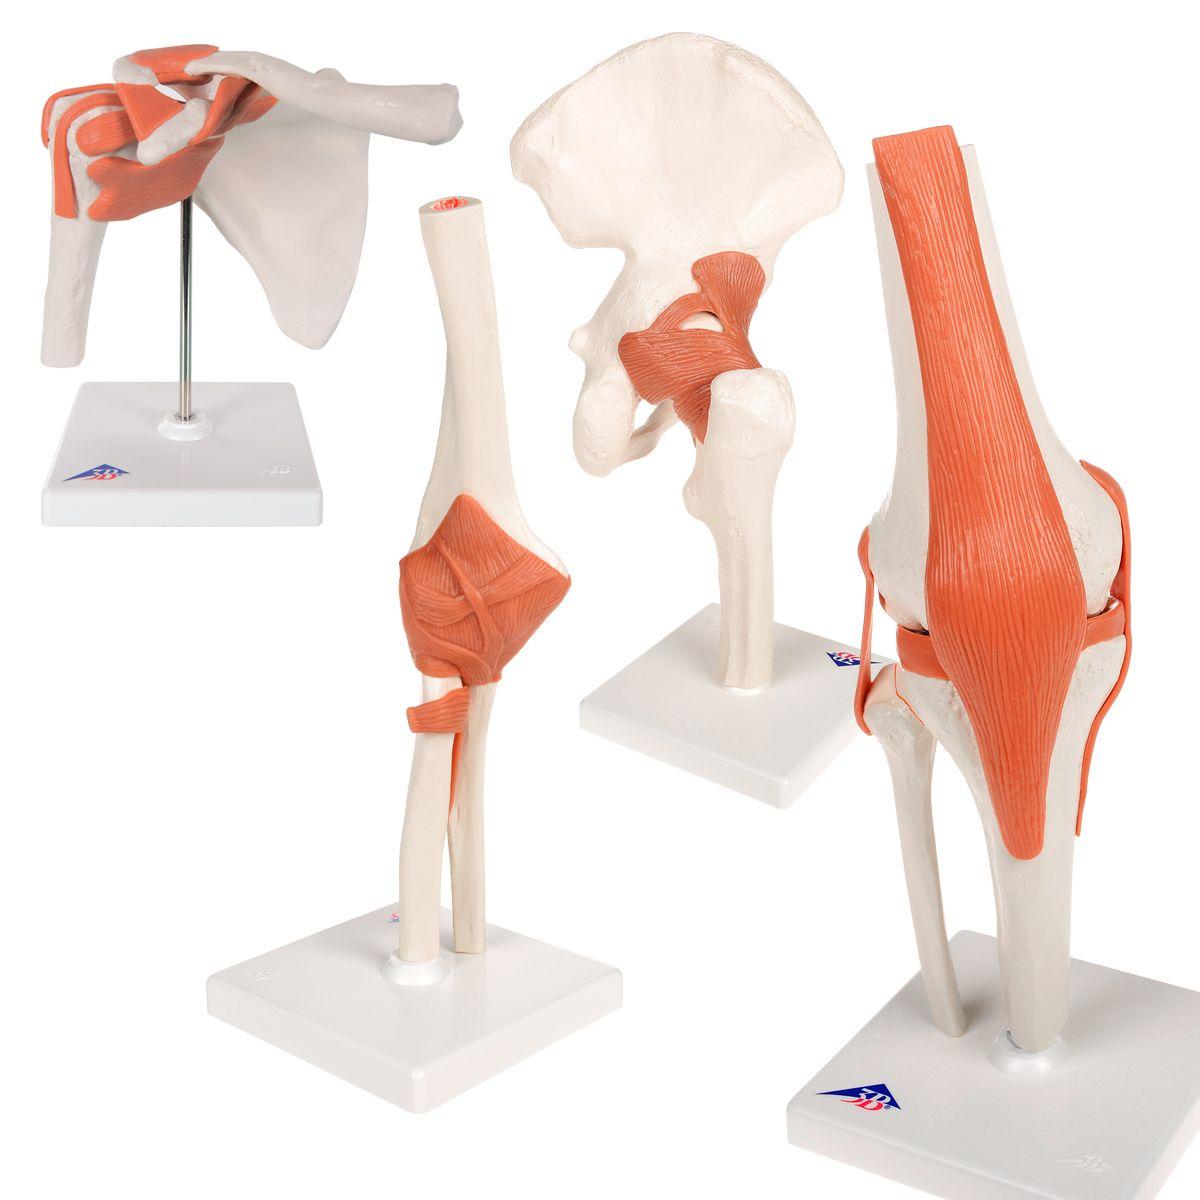 Anatomie Set Gelenke - 8000832 - Anatomie Sets - 3B Scientific